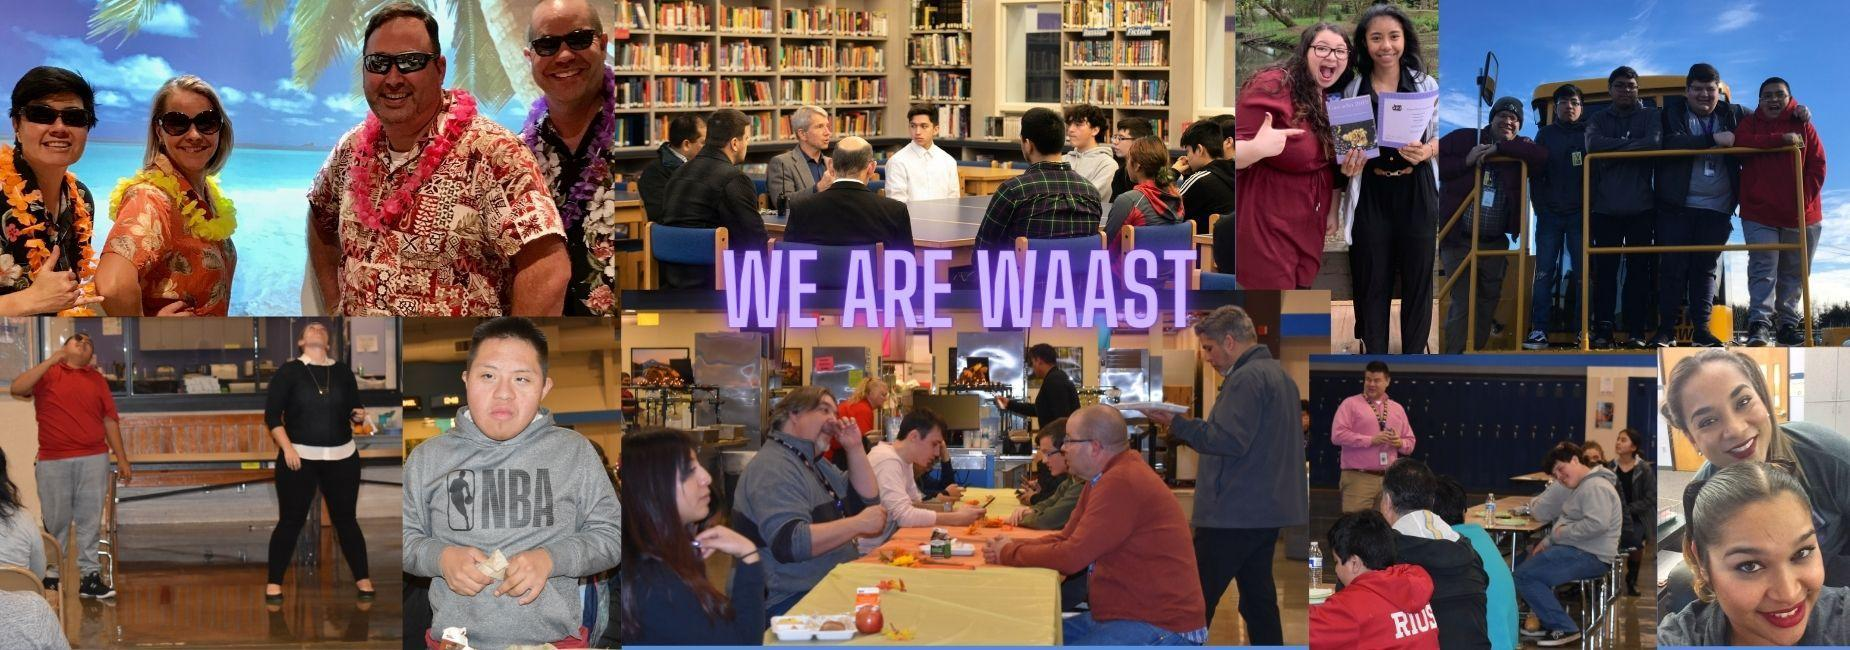 WE ARE WAAST